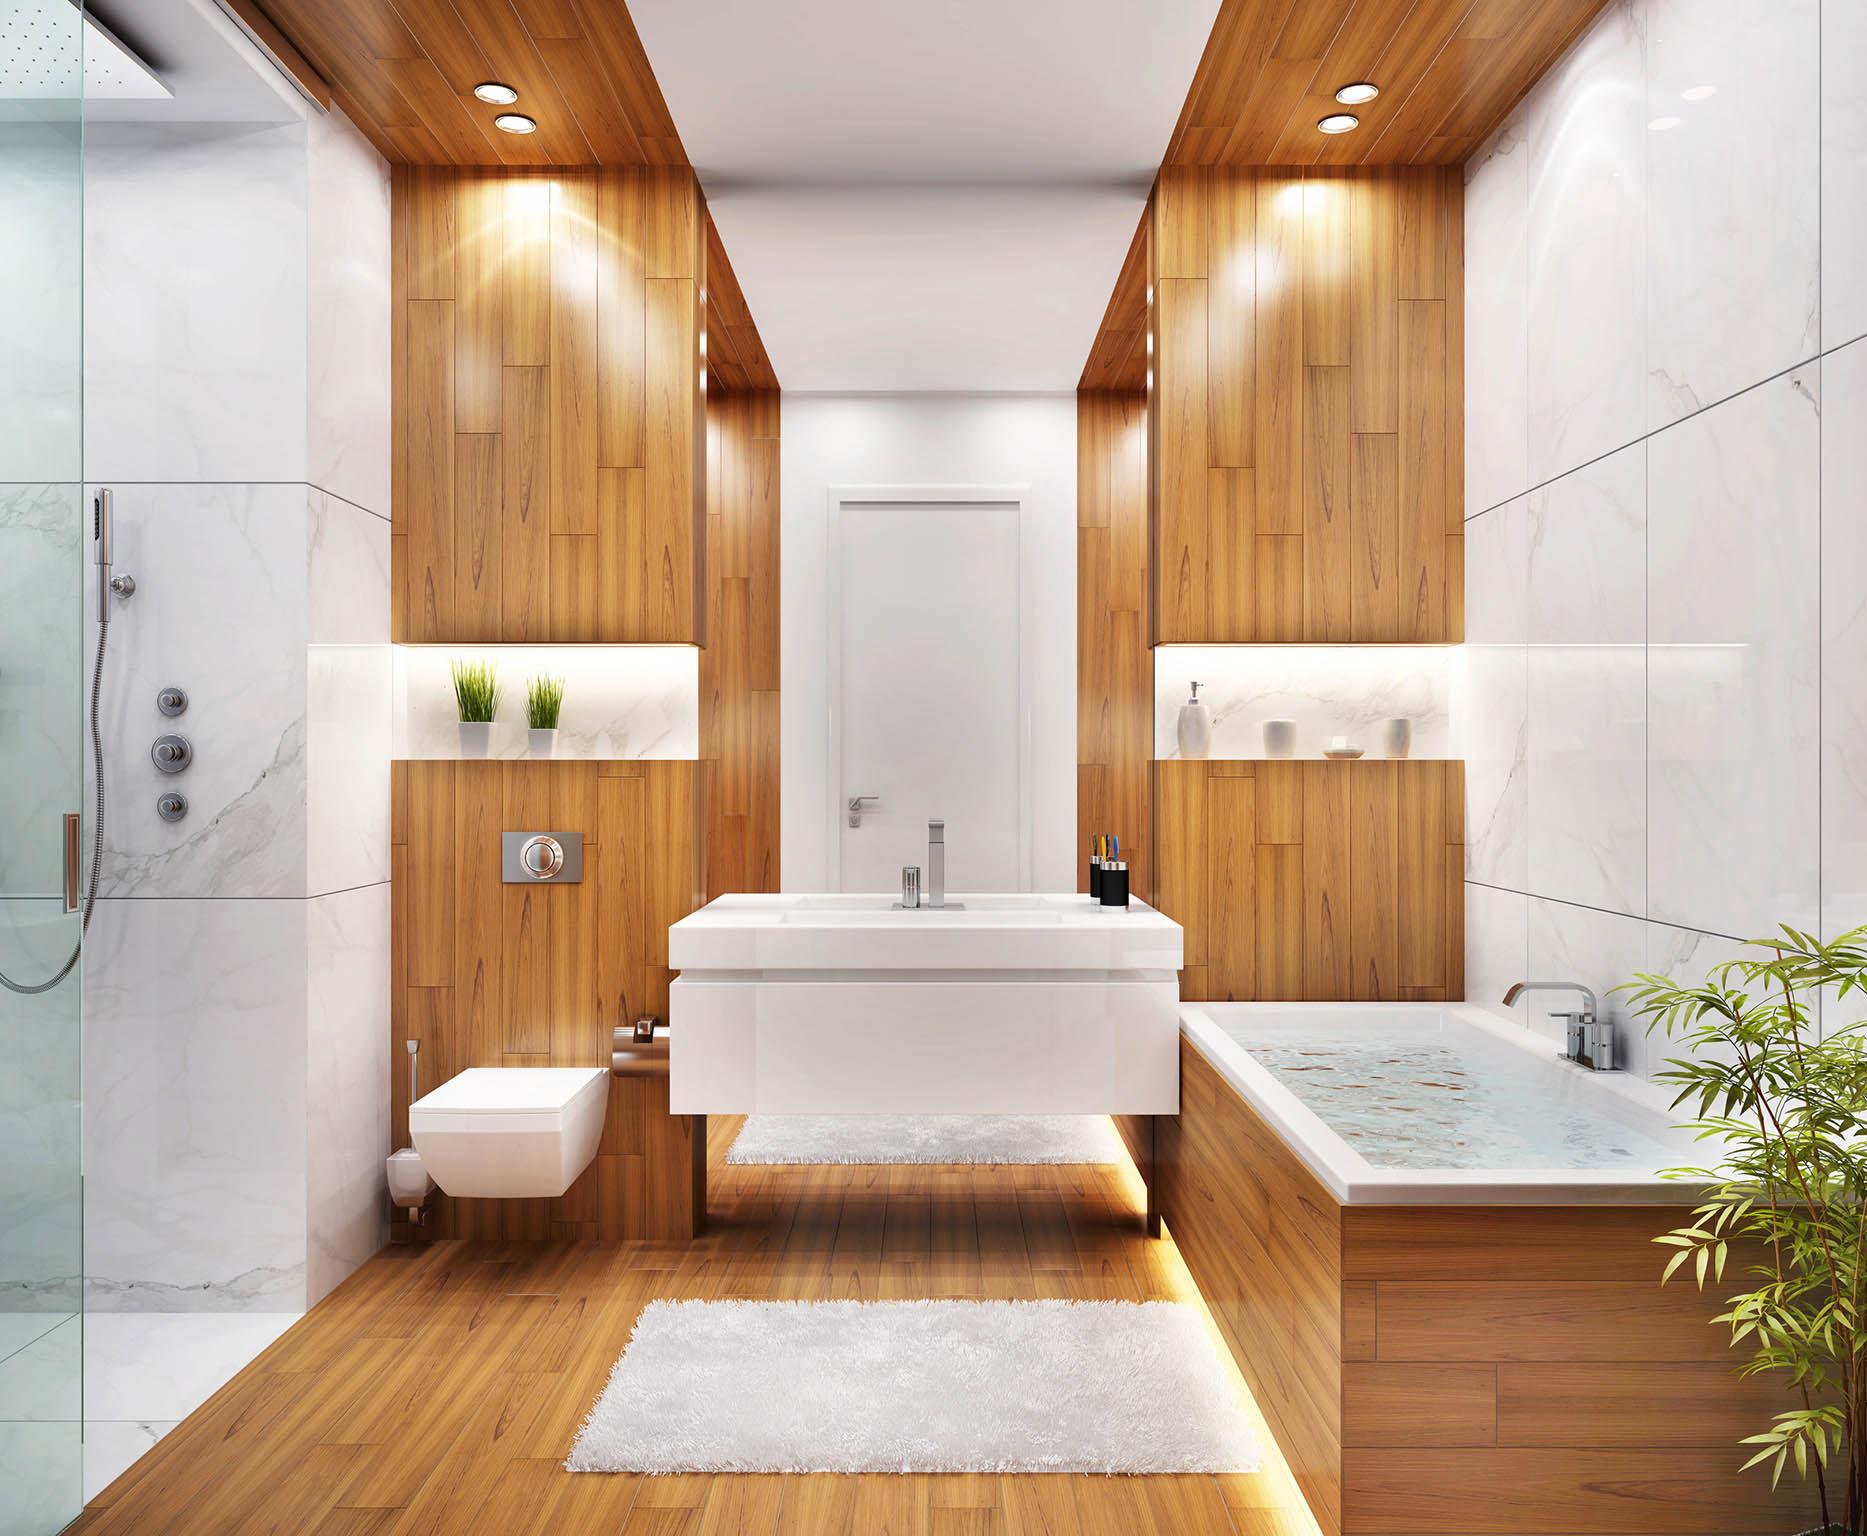 Možné je vše, co jen fantazie dovolí. Dřevem lze obložit celou koupelnu, pořídit sprchový kout, vanu nebo instalovat dřevěnou podlahu.